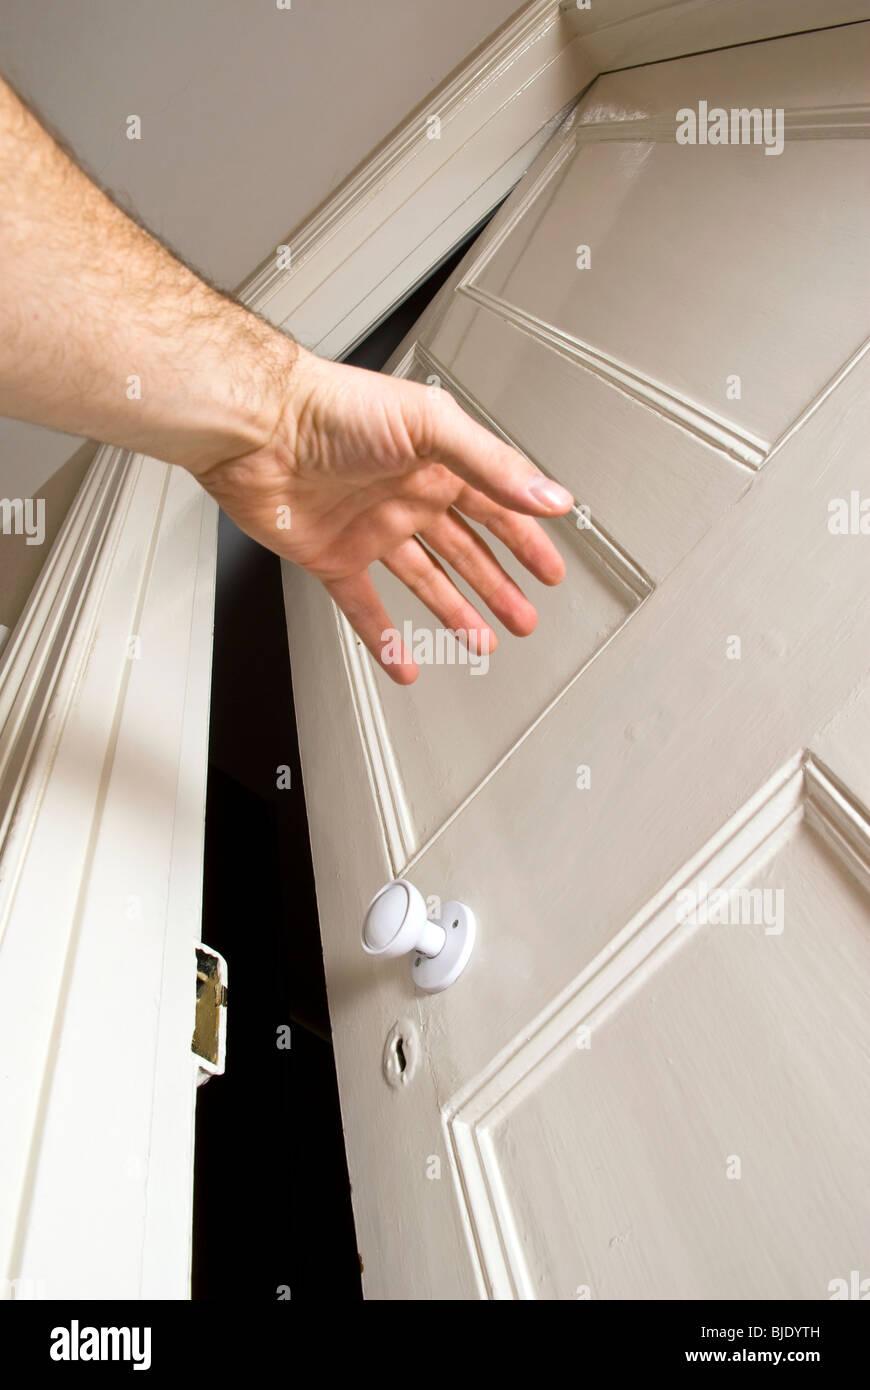 hand opening door - Stock Image